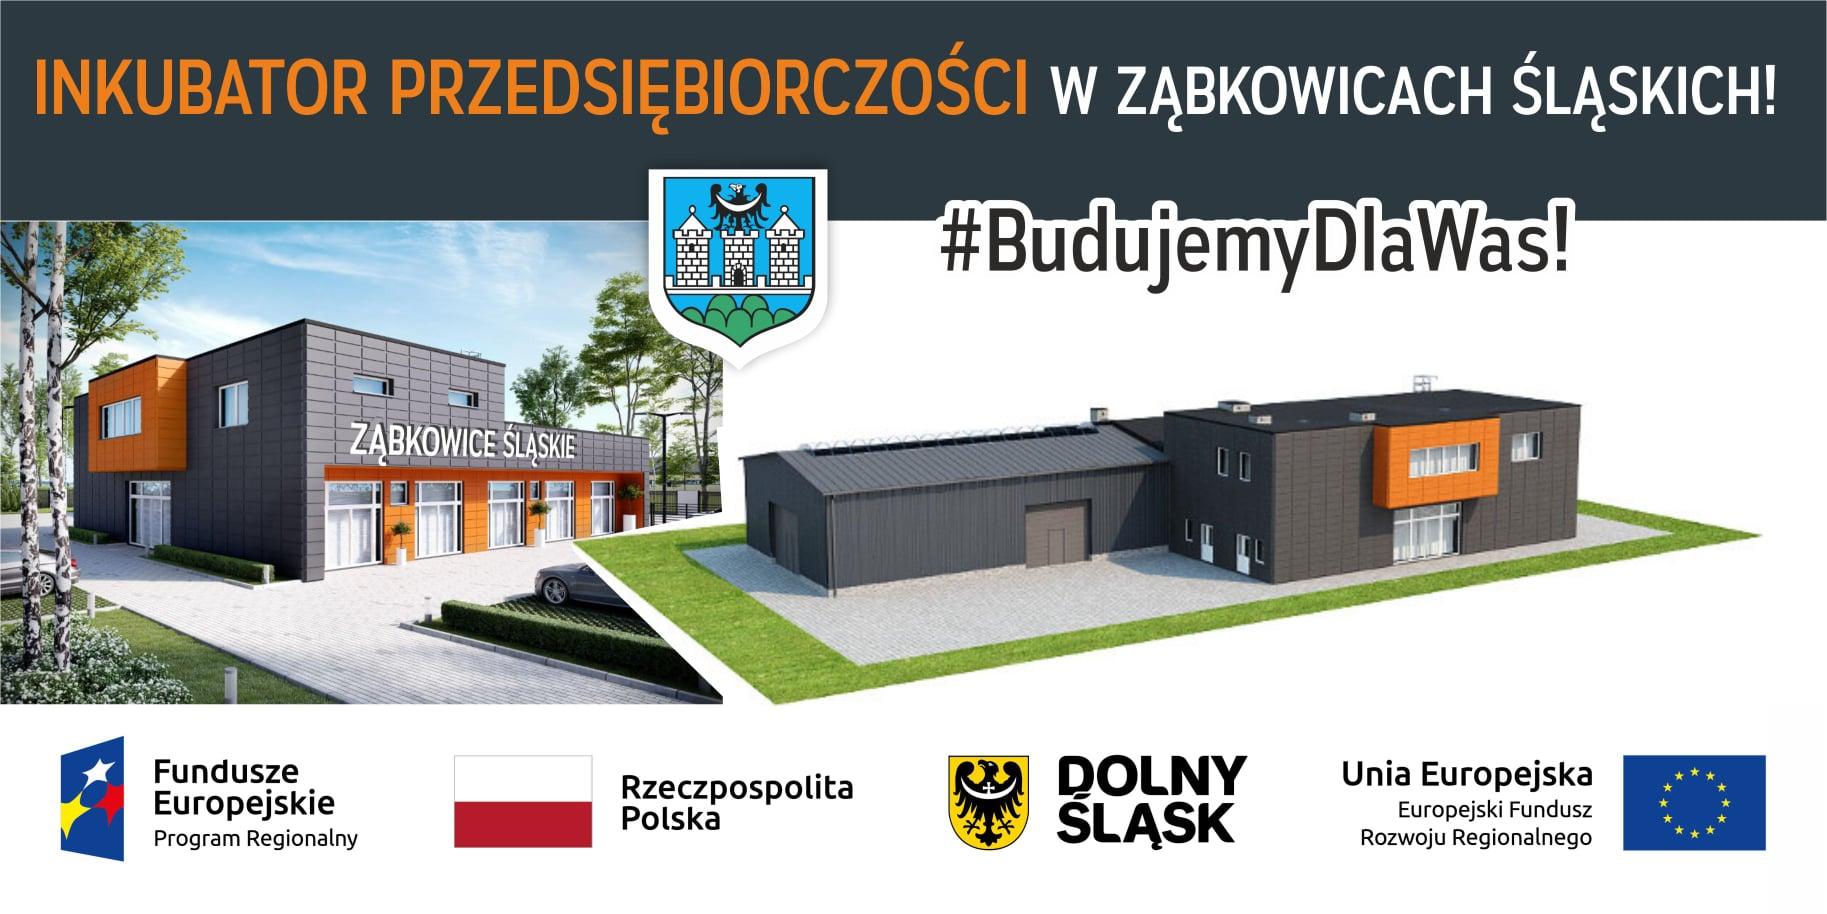 Ząbkowice Śląskie: Powstanie Inkubator Przedsiębiorczości! - Zdjęcie główne